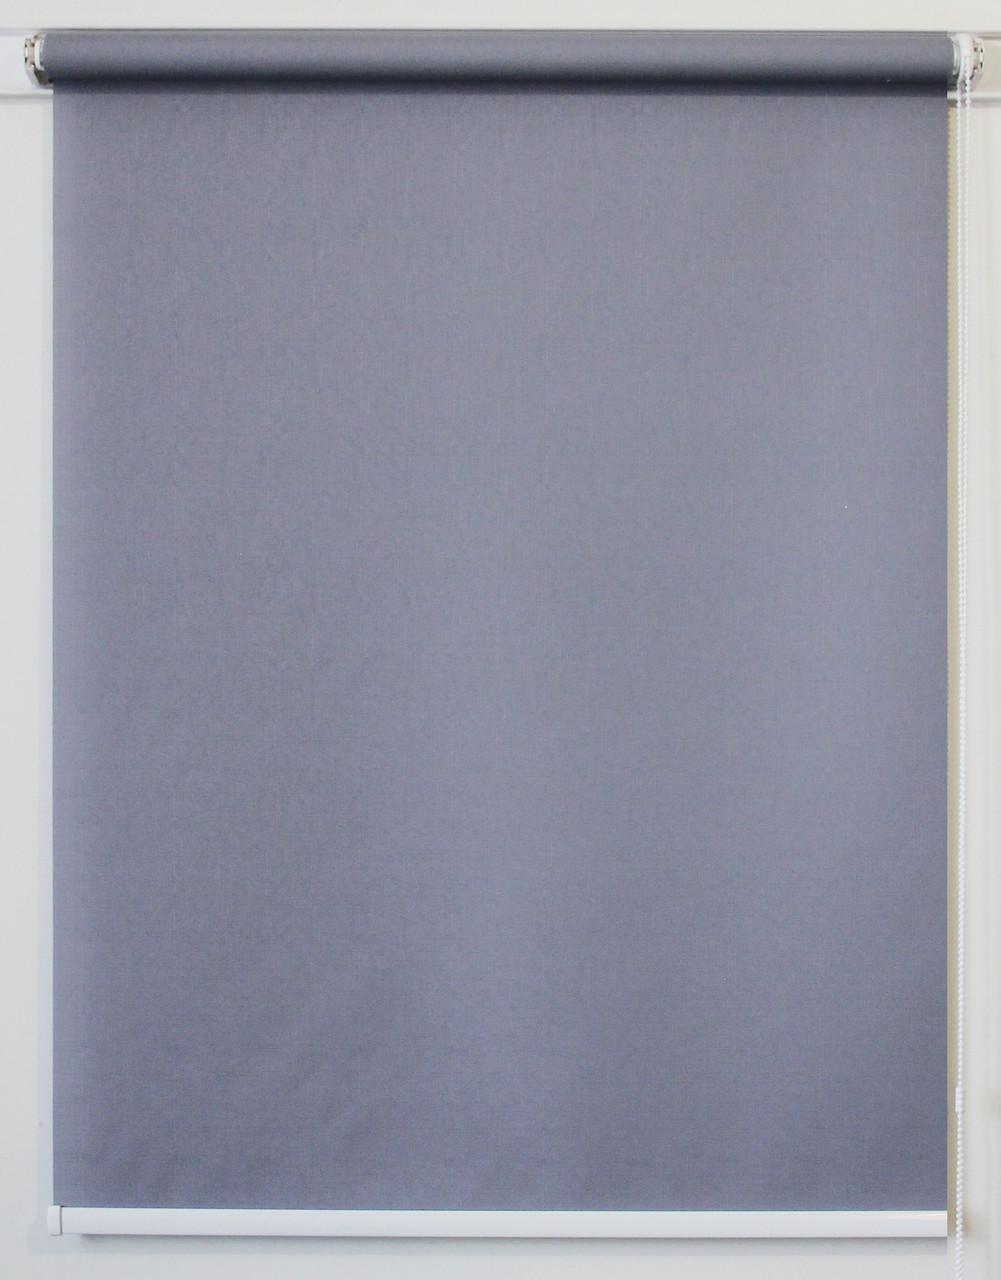 Готовые рулонные шторы 750*1500 Ткань Лён 7436 Серый